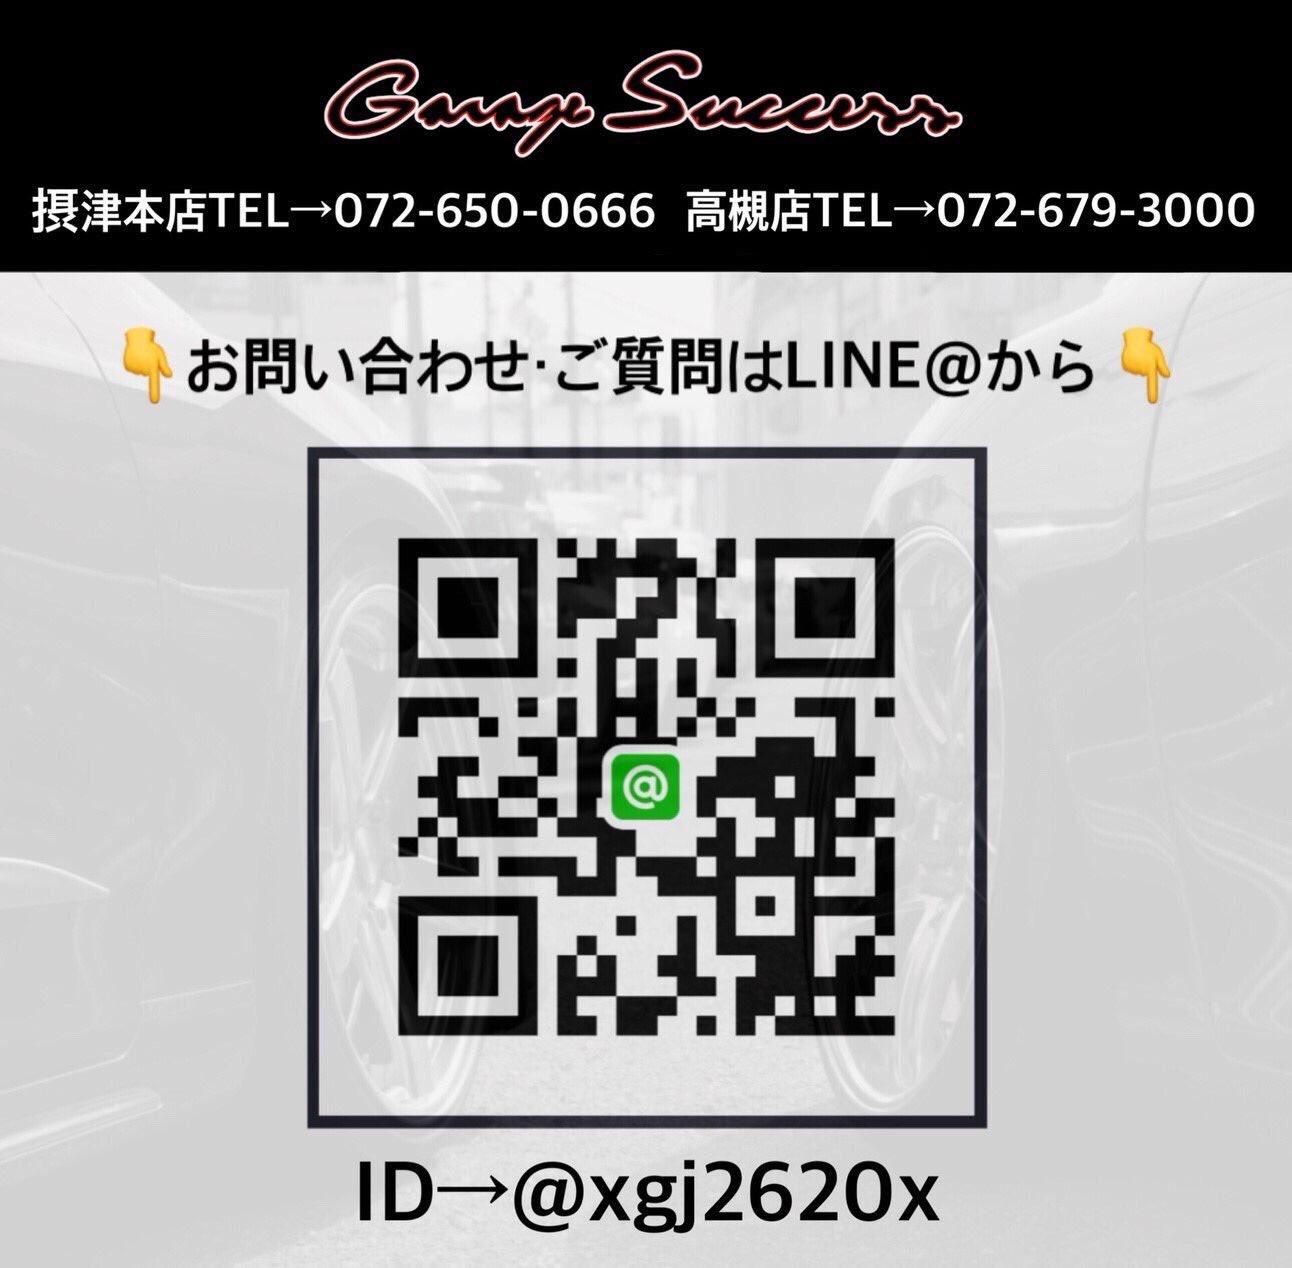 897681EB-5C1F-4BA8-AAEE-4AAF30297242